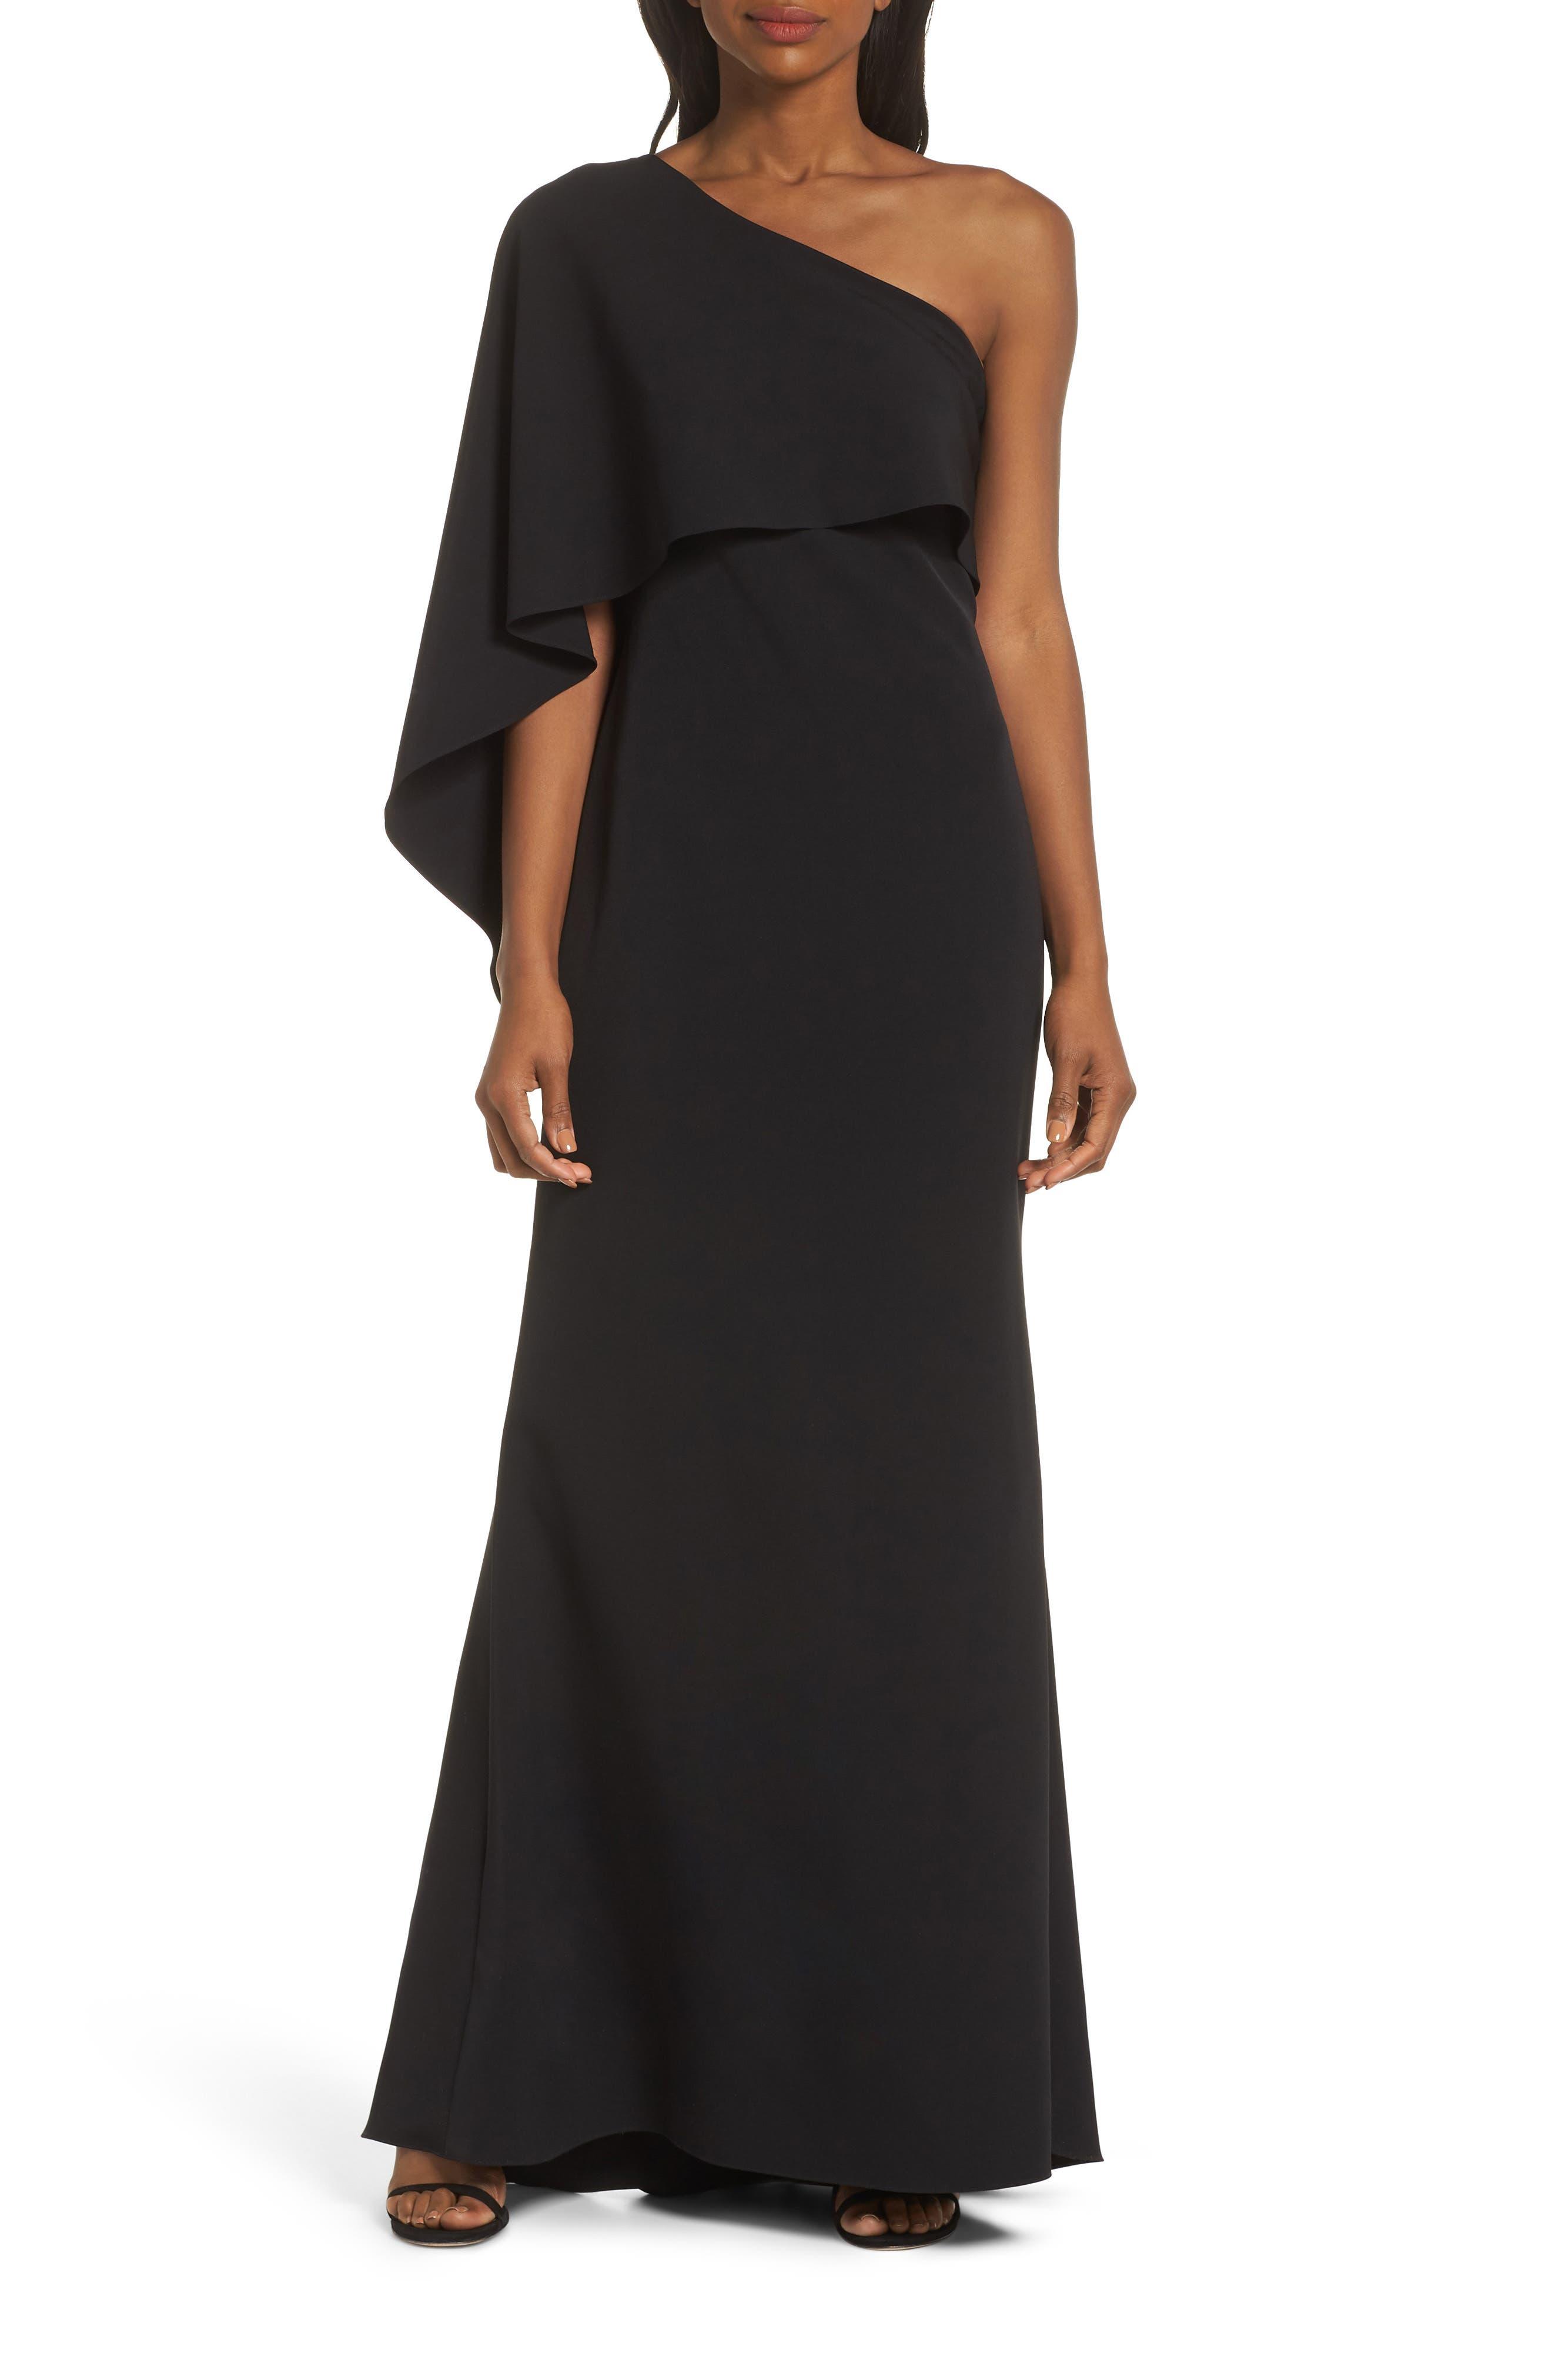 VINCE CAMUTO, One-Shoulder Cape Evening Dress, Main thumbnail 1, color, BLACK